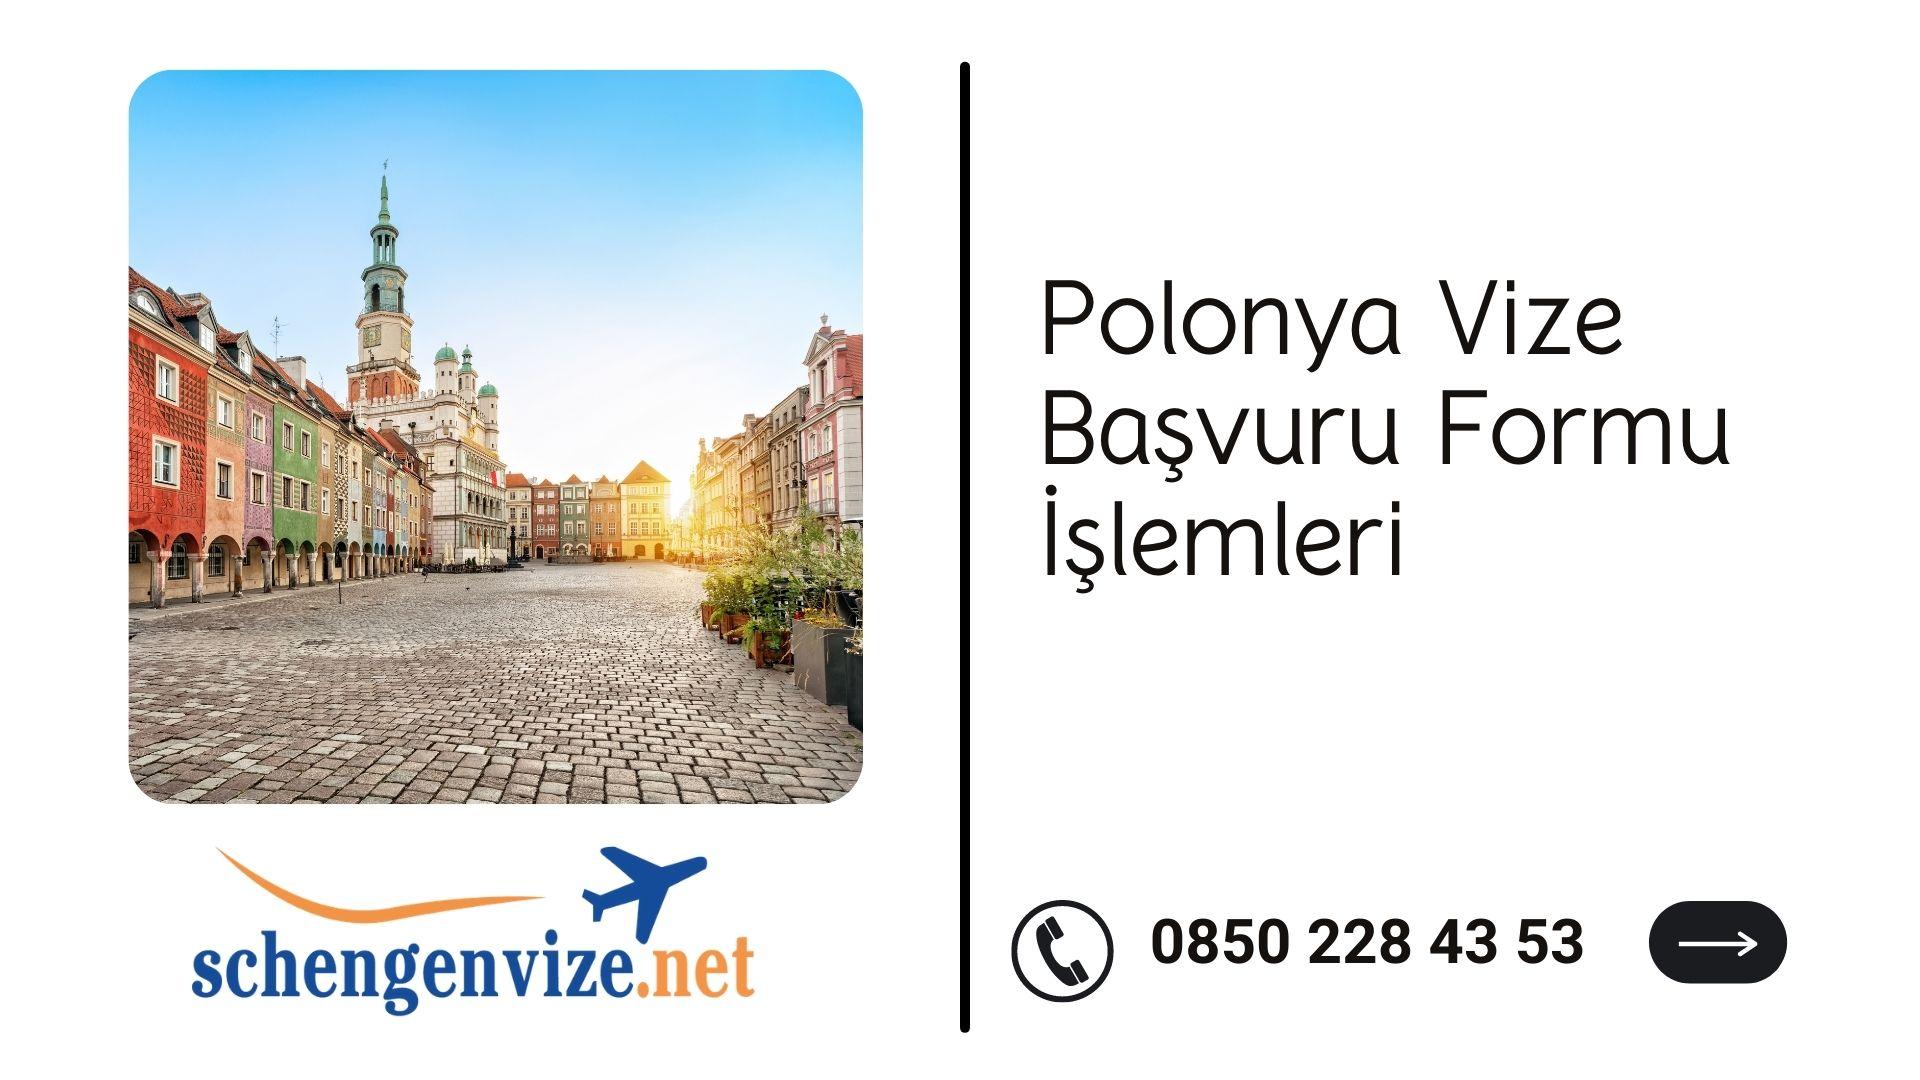 Polonya Vize Başvuru Formu İşlemleri